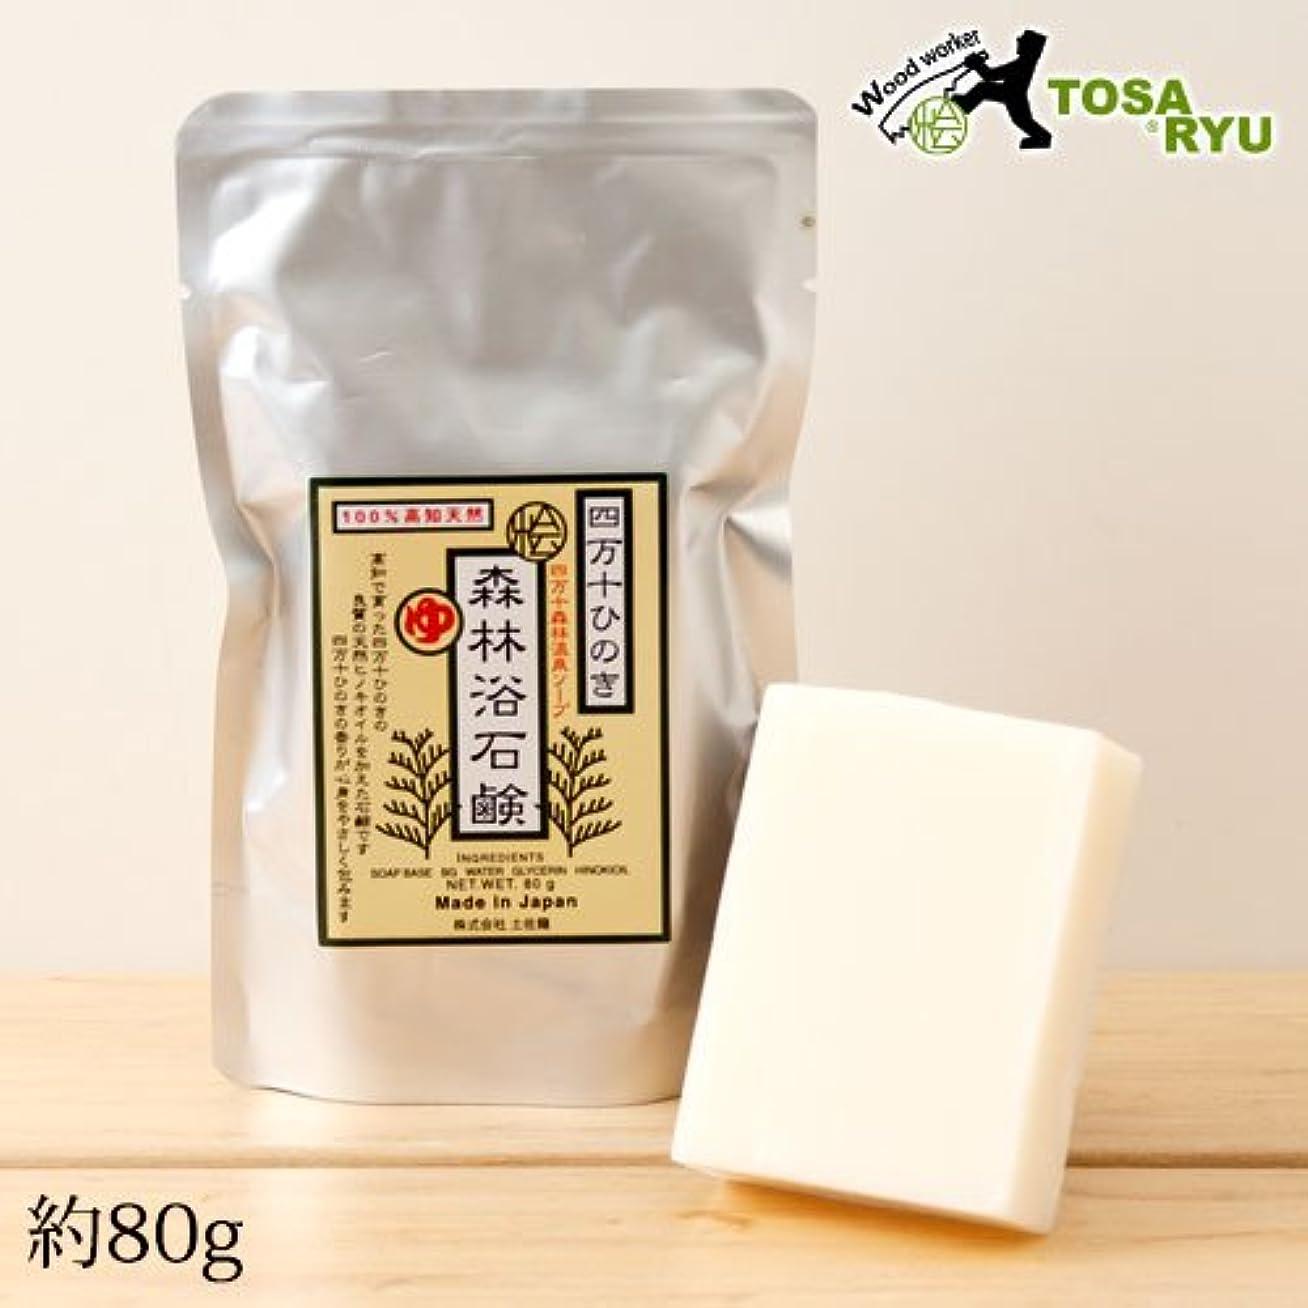 葡萄規模なめらか土佐龍四万十森林温泉石鹸ひのきの香りのアロマソープ高知県の工芸品Aroma soap scent of cypress, Kochi craft